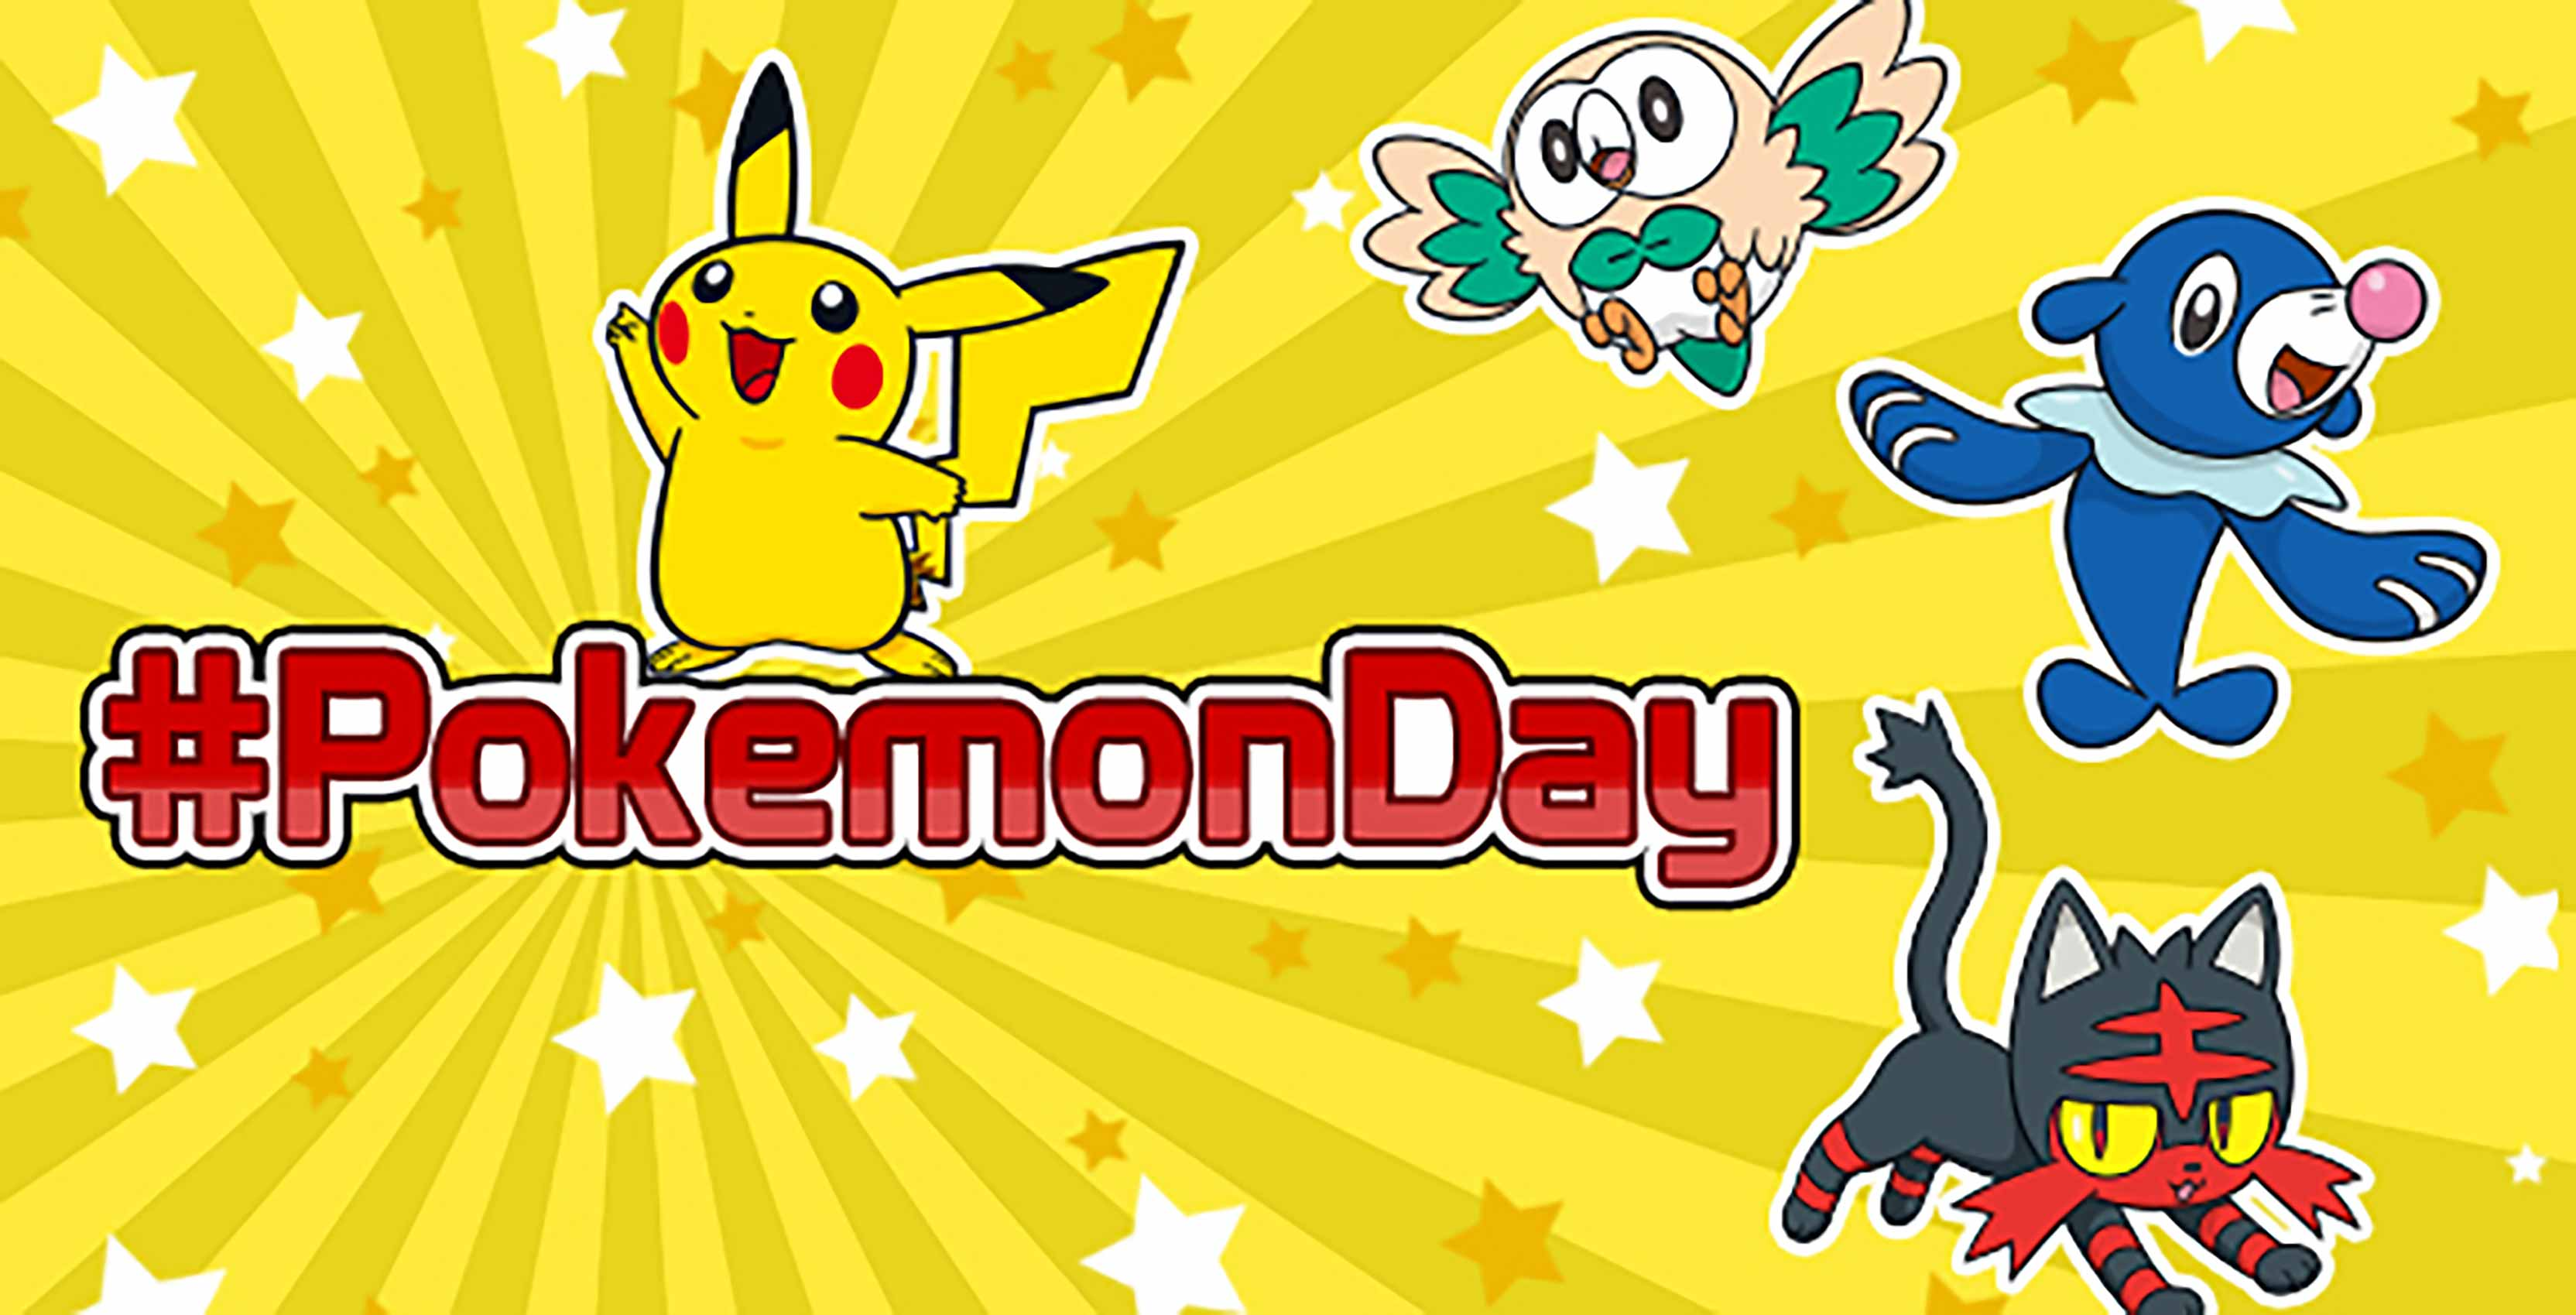 Celebrate Pokémon Day 2017